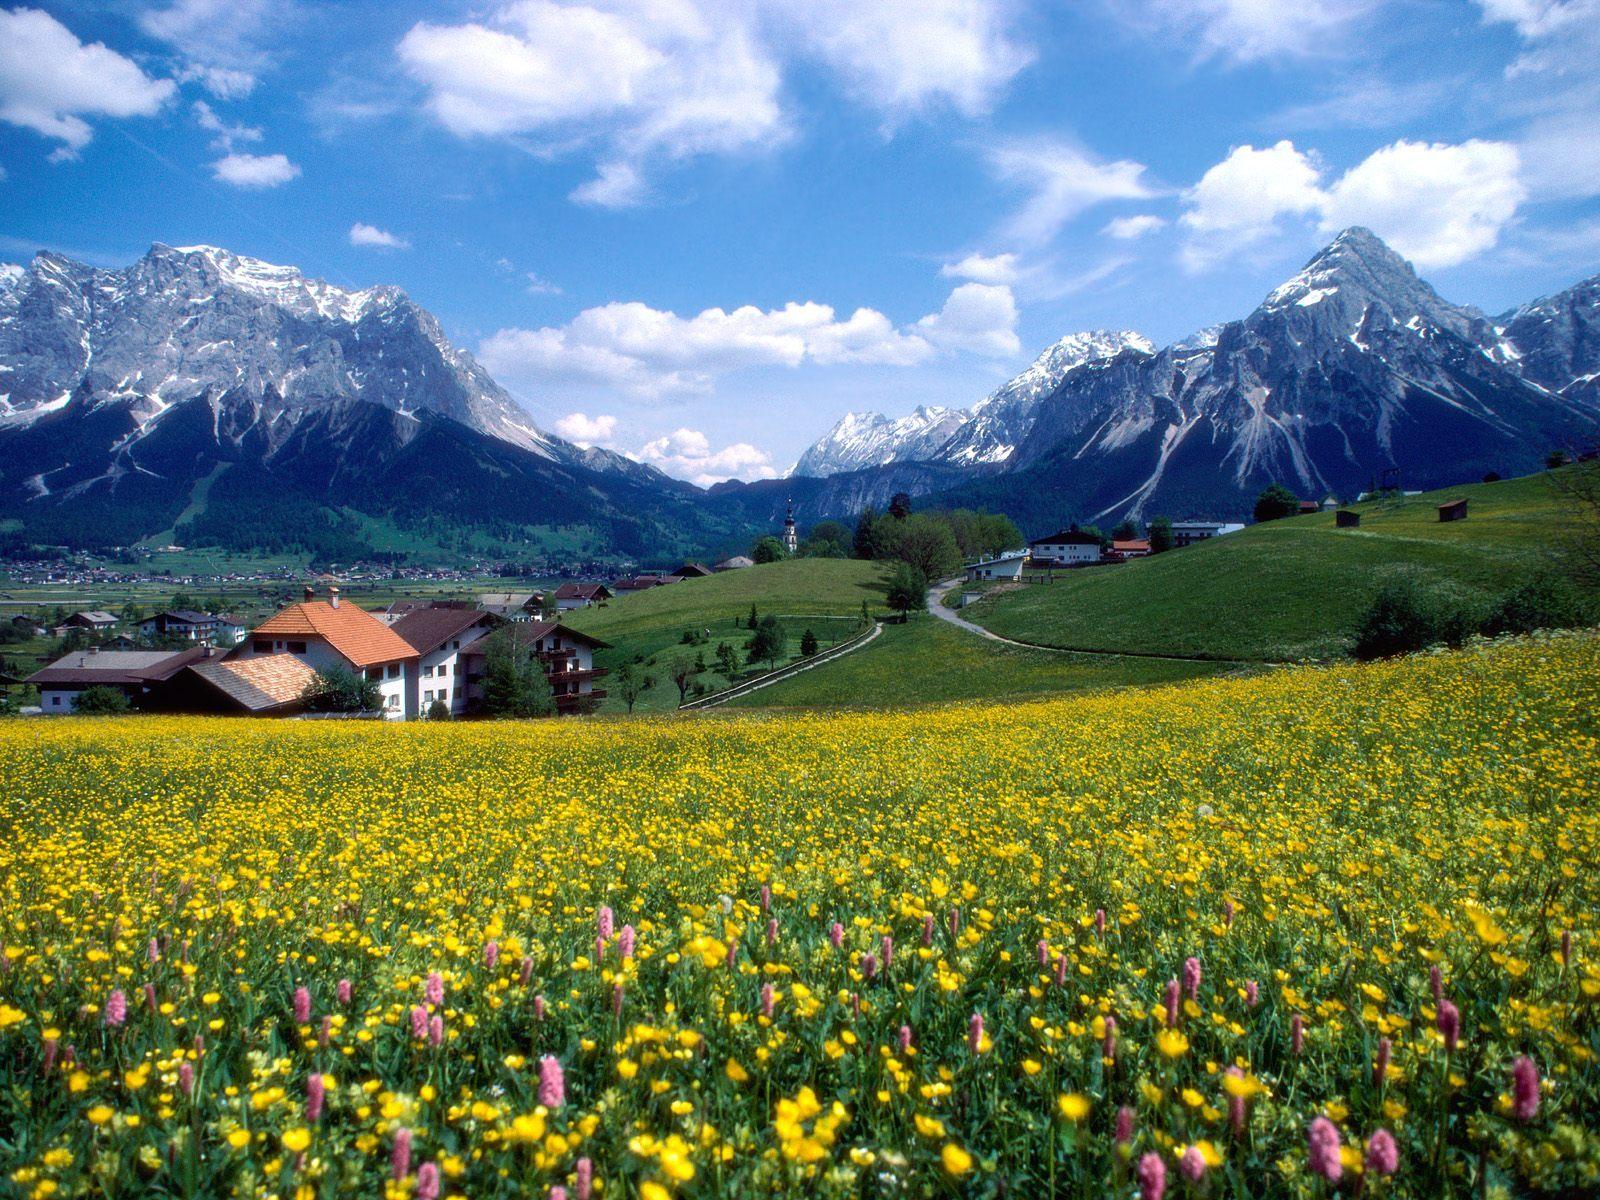 12128 скачать обои Растения, Пейзаж, Цветы, Горы - заставки и картинки бесплатно